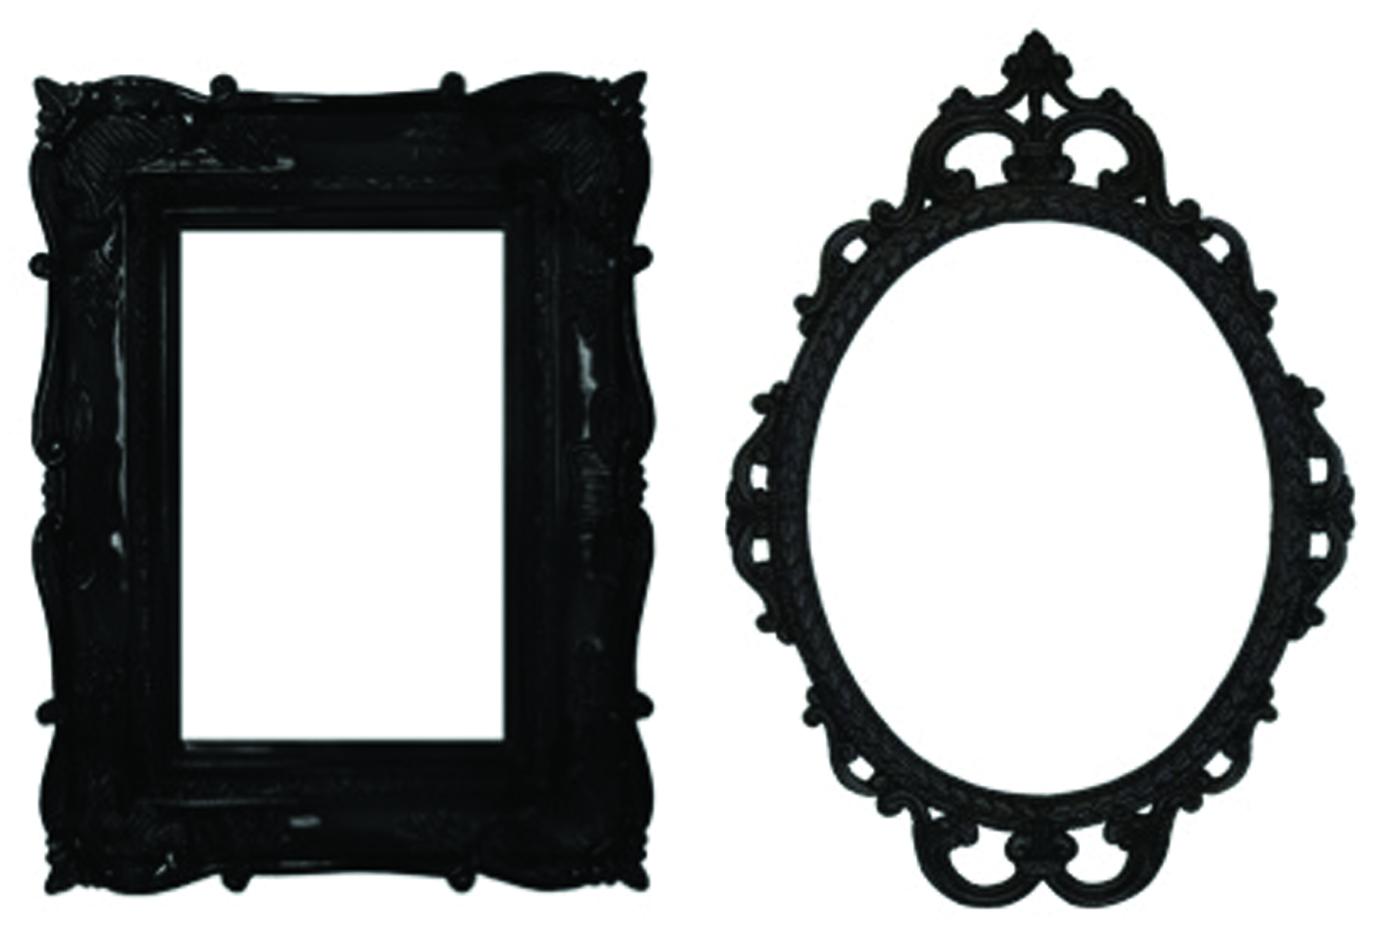 Black_Frames.jpg